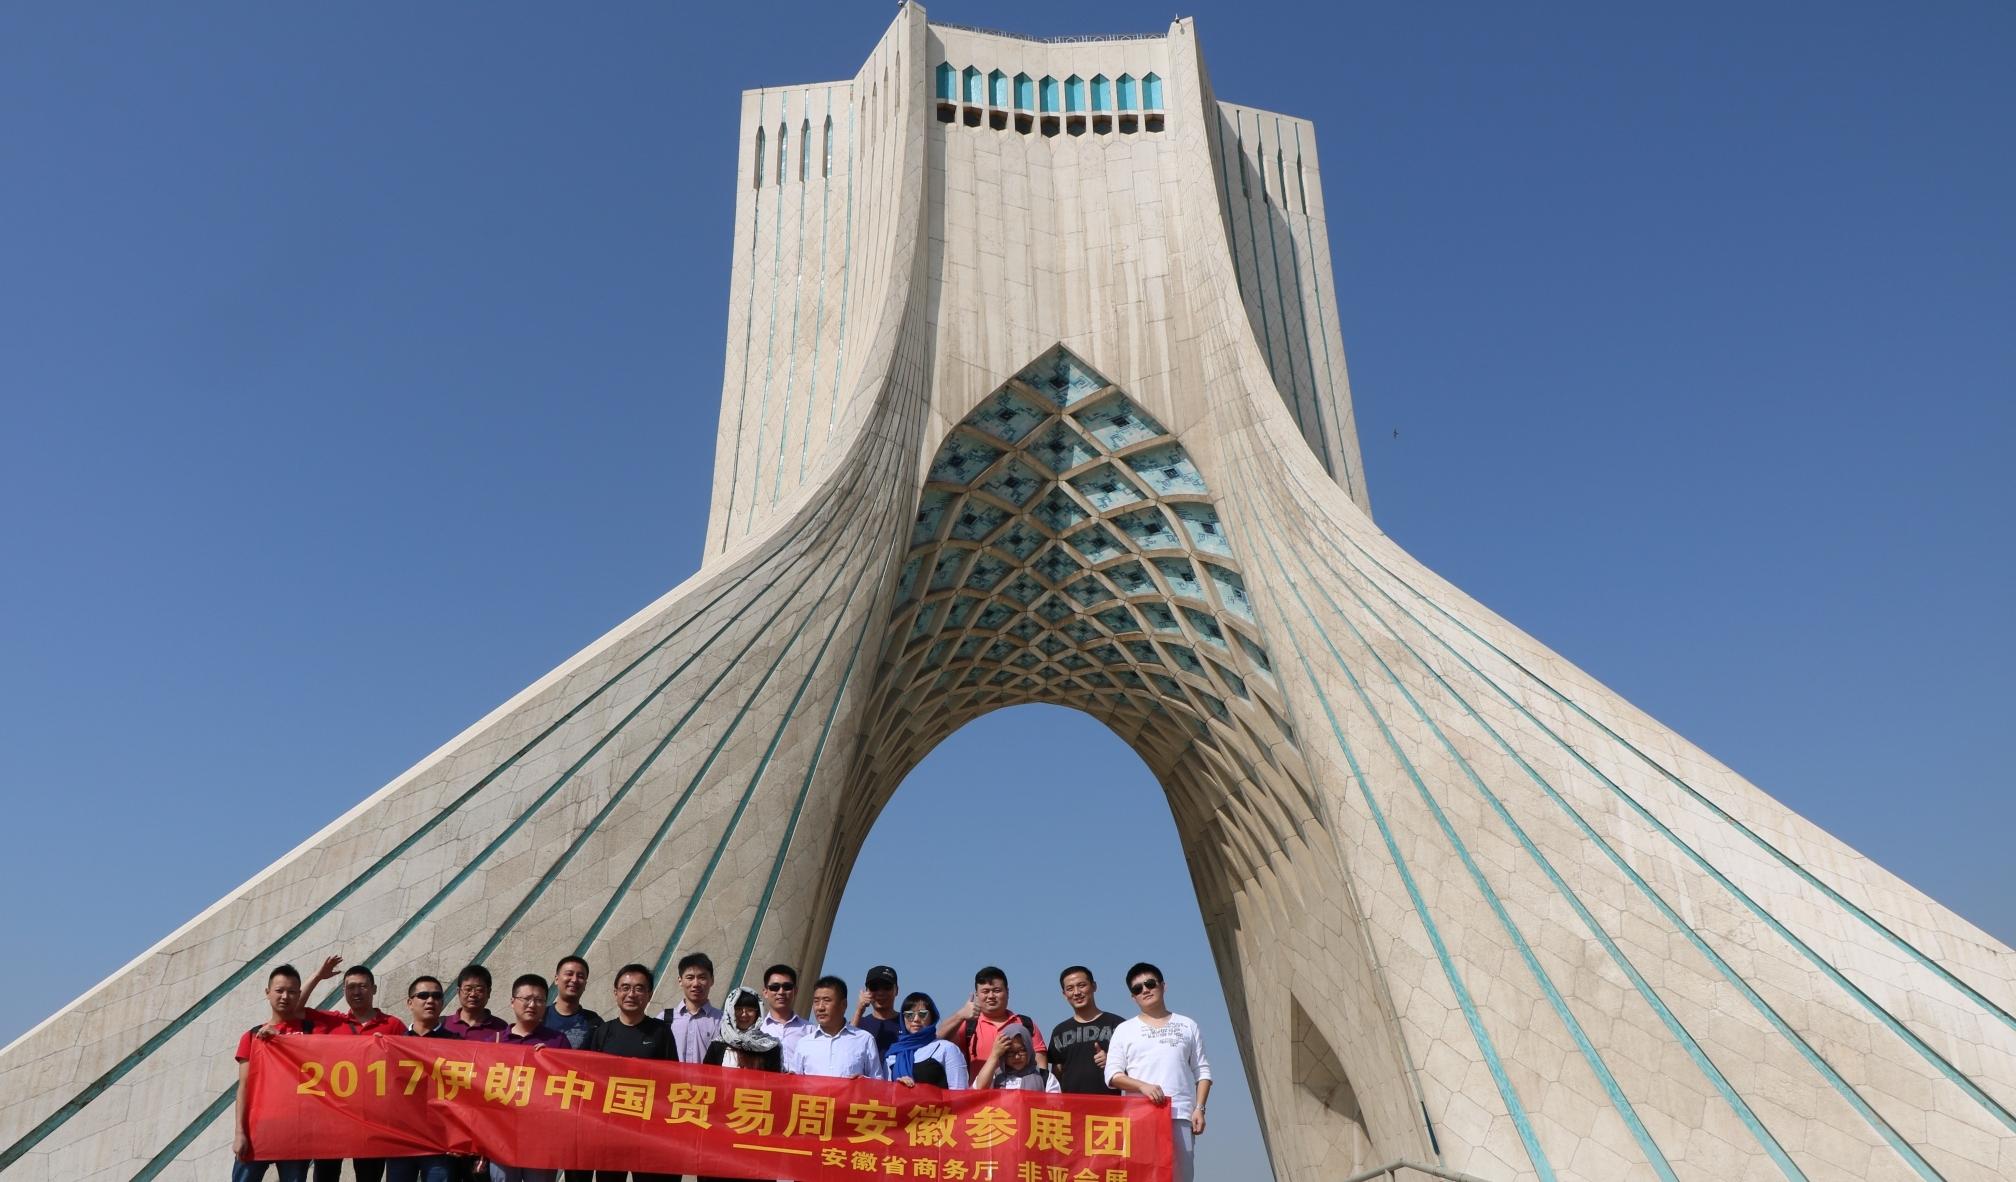 2017年伊朗中国贸易周展